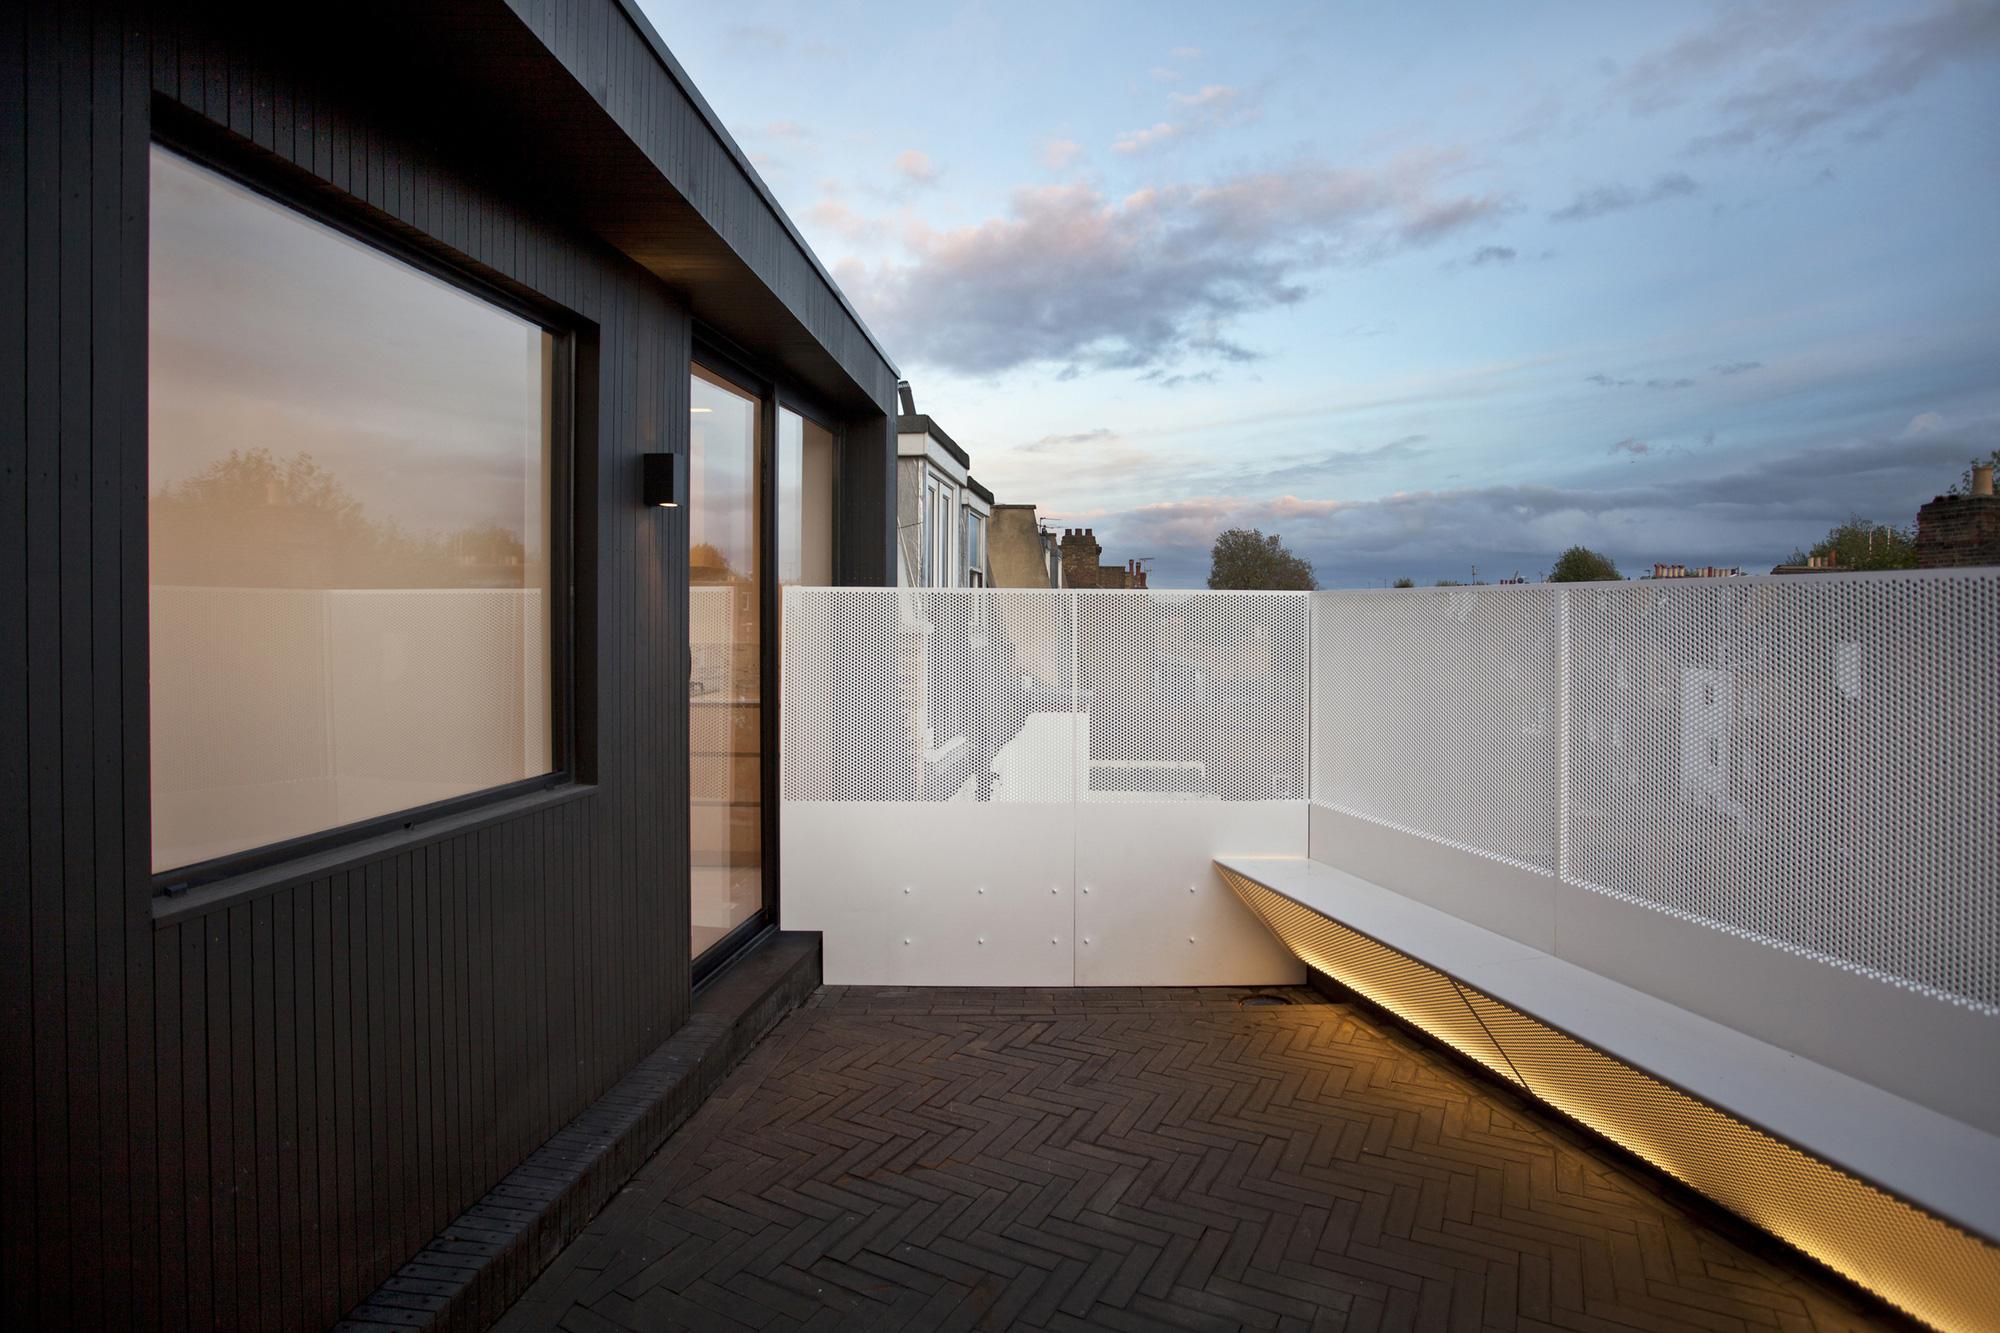 Sulgrave Road Apartments / Teatum+Teatum (26)